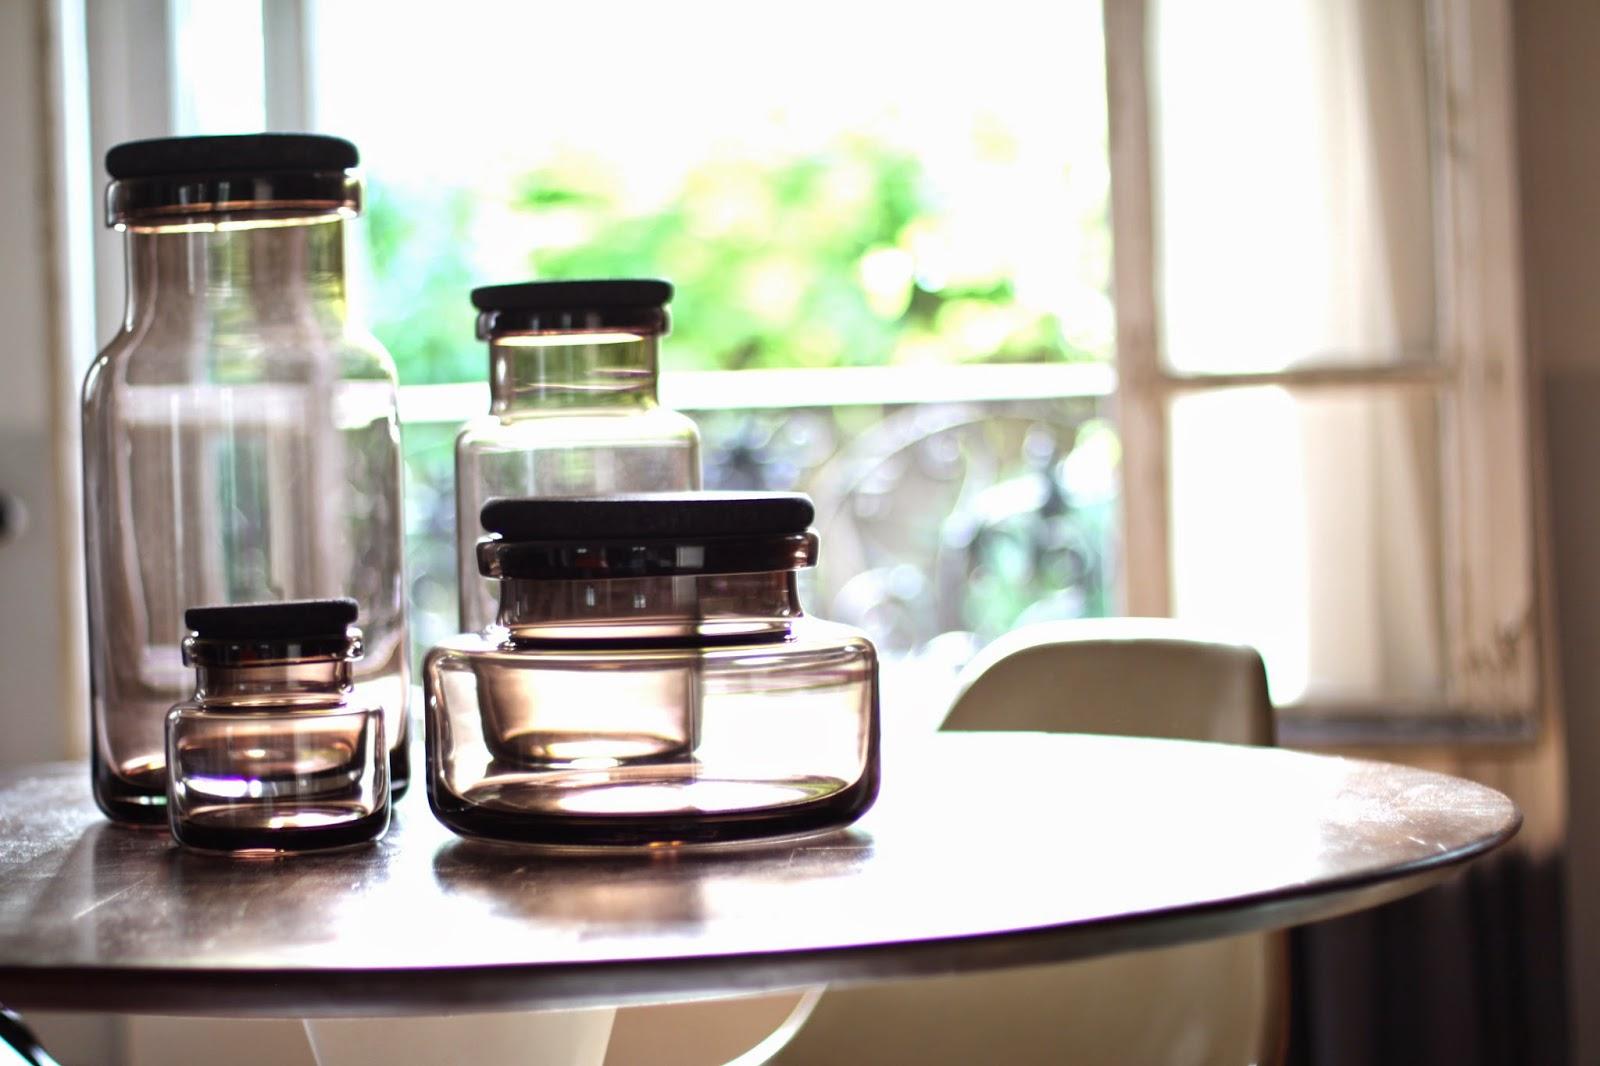 home autour du monde,bensimon hossegor, bensimon,hossegor,verre,glasses,bocaux,vases